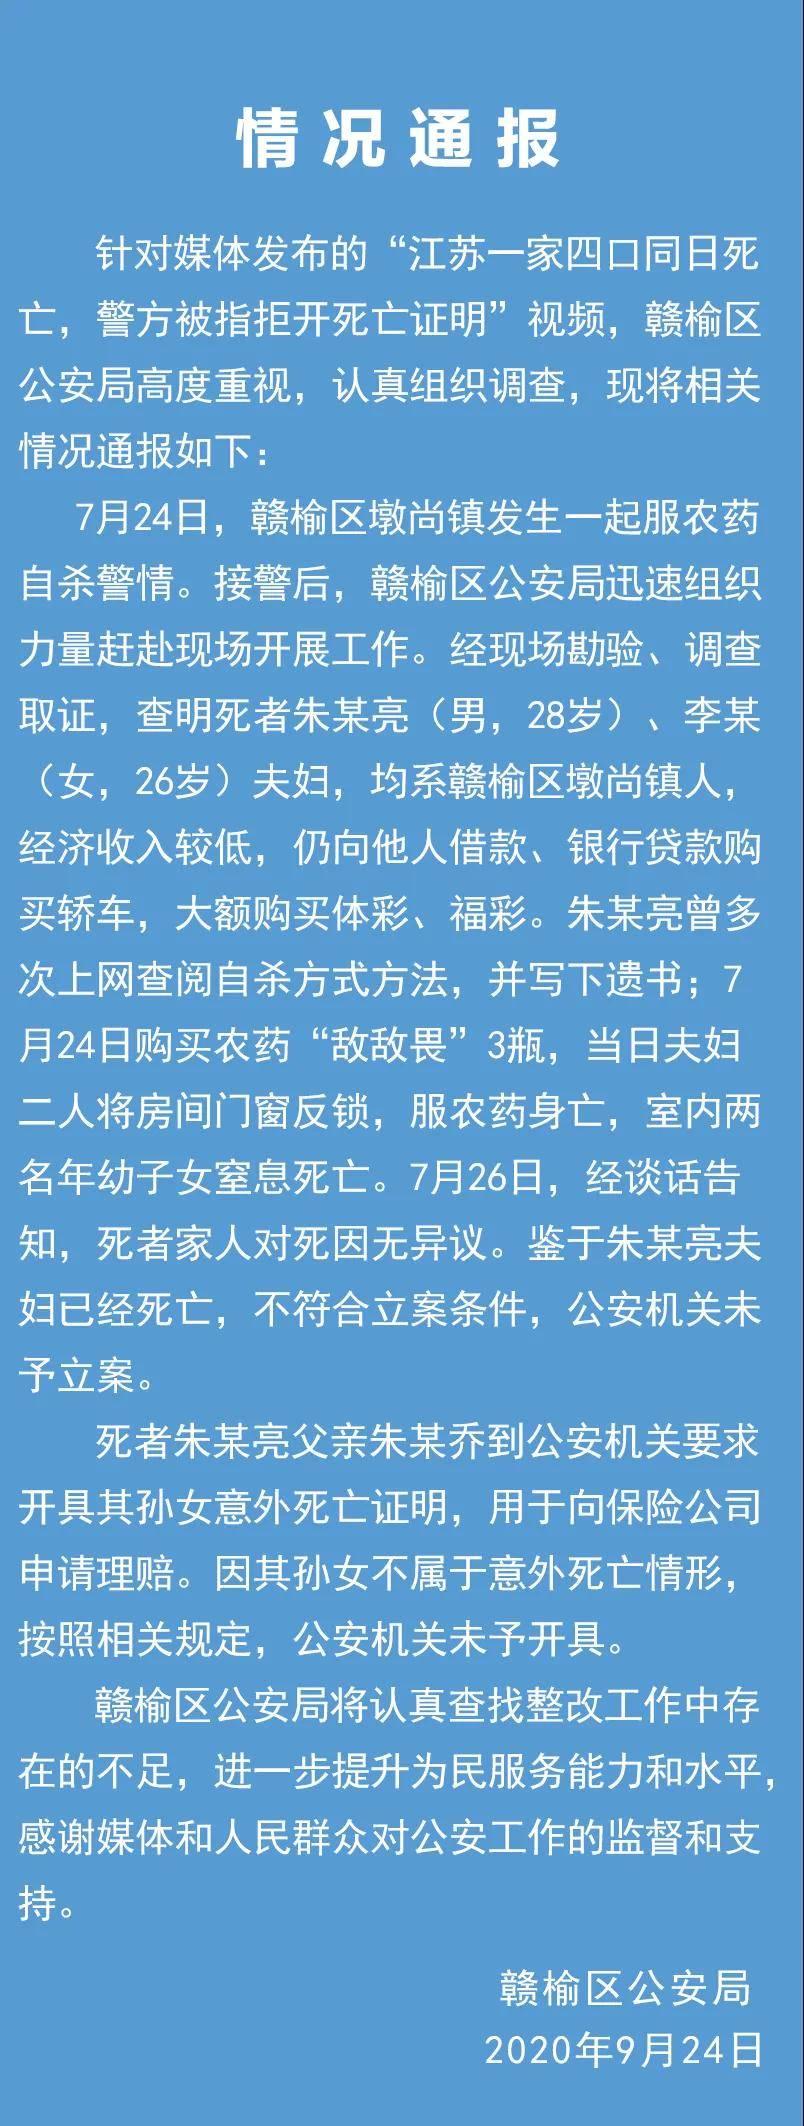 江苏一家四口同日死亡警方被指拒开死亡证明 官方释疑